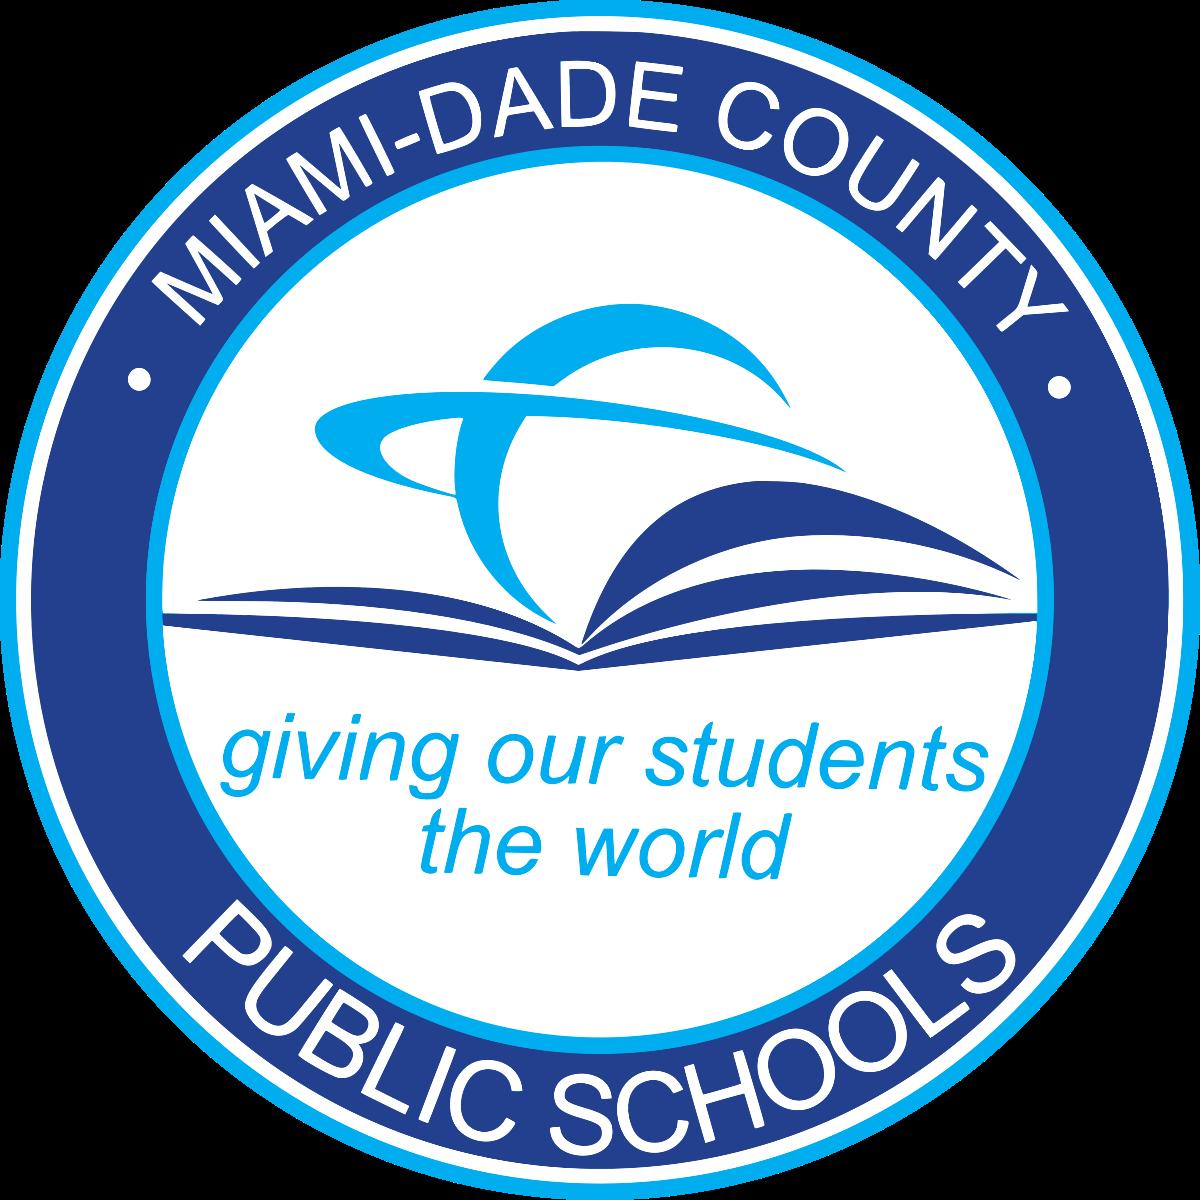 Miami-Dade County Public Schools